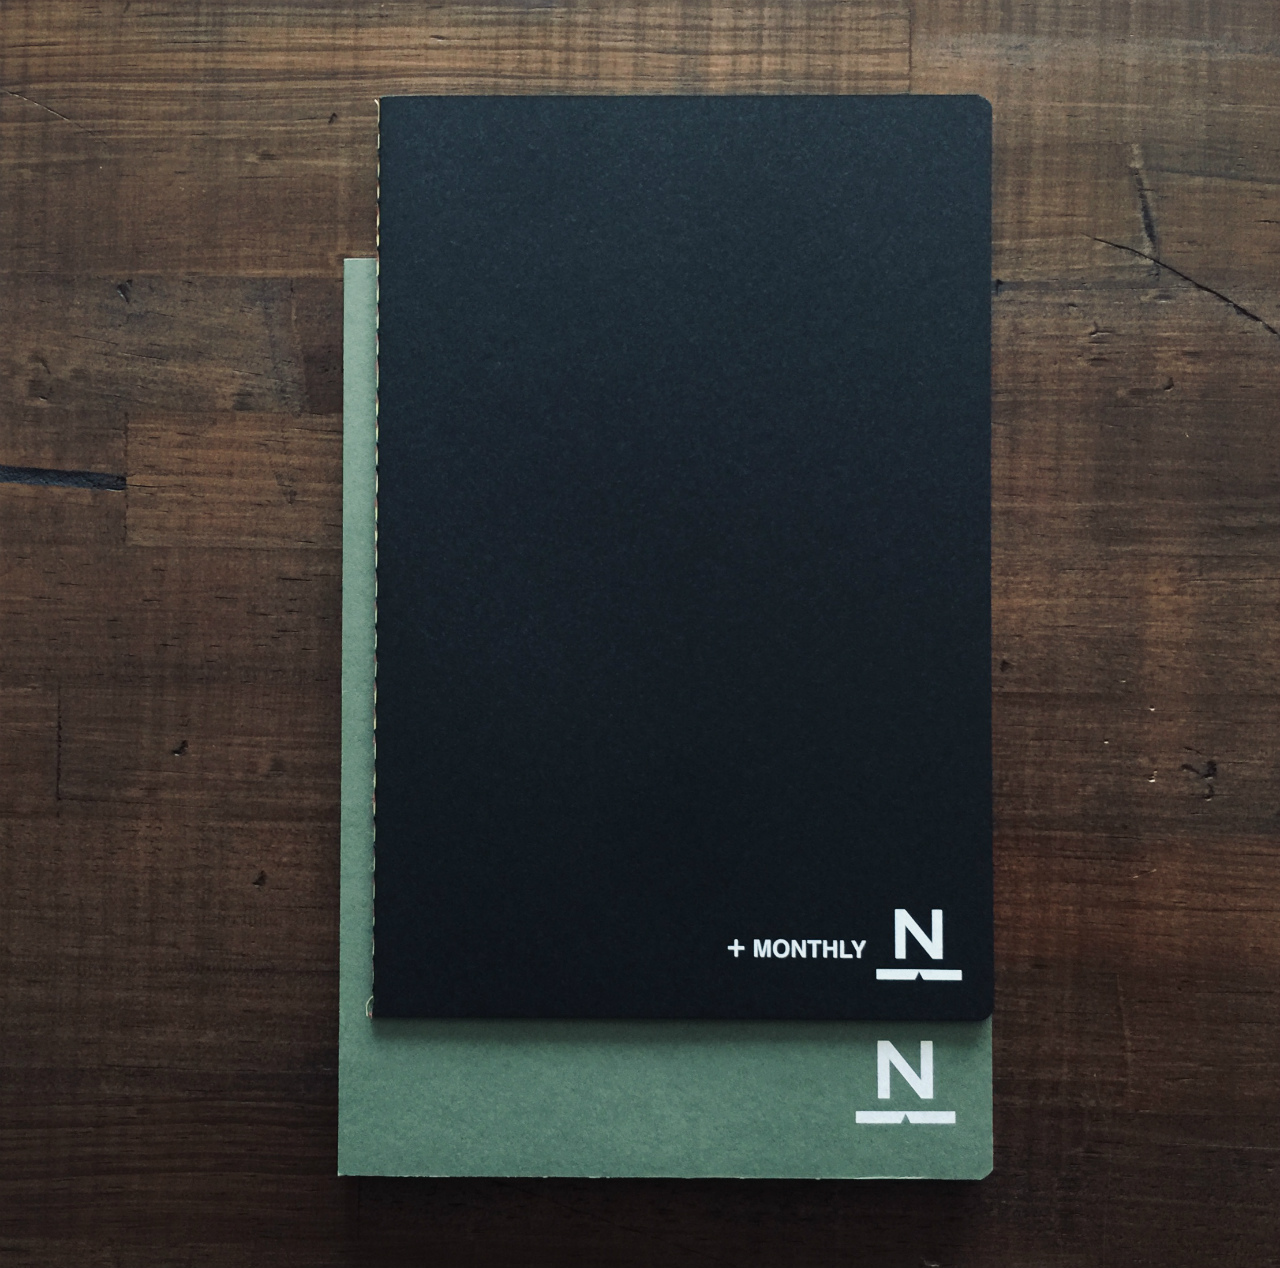 2019ノンブルノート「N」+MONTHLY(マンスリー帳)※値下げ中